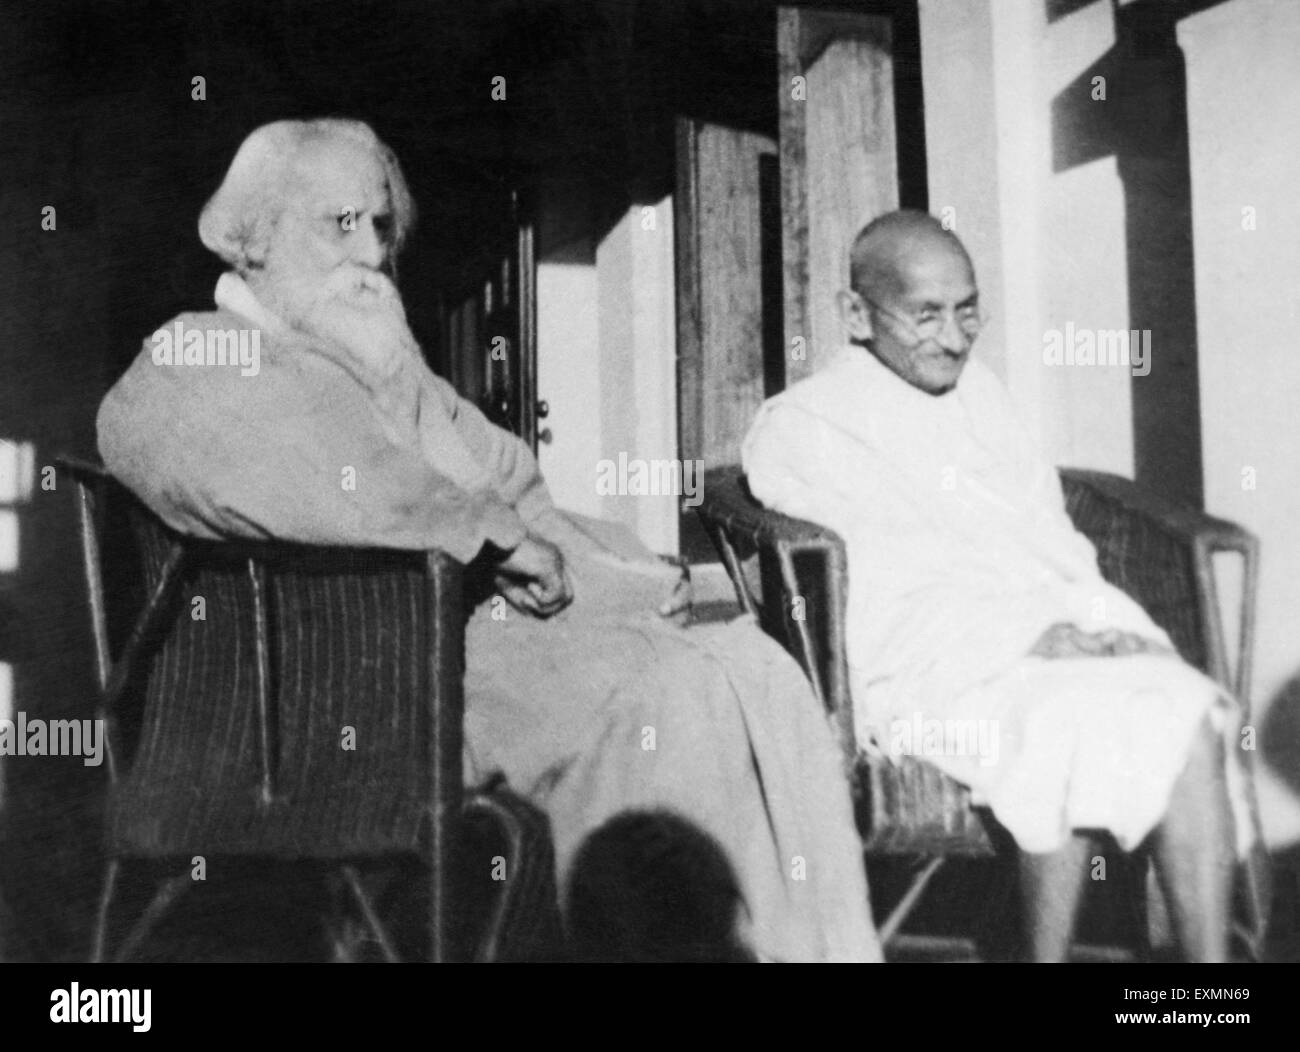 Mahatma gandhi and rabindranath tagore at shantiniketan for Shantiniketan tagore